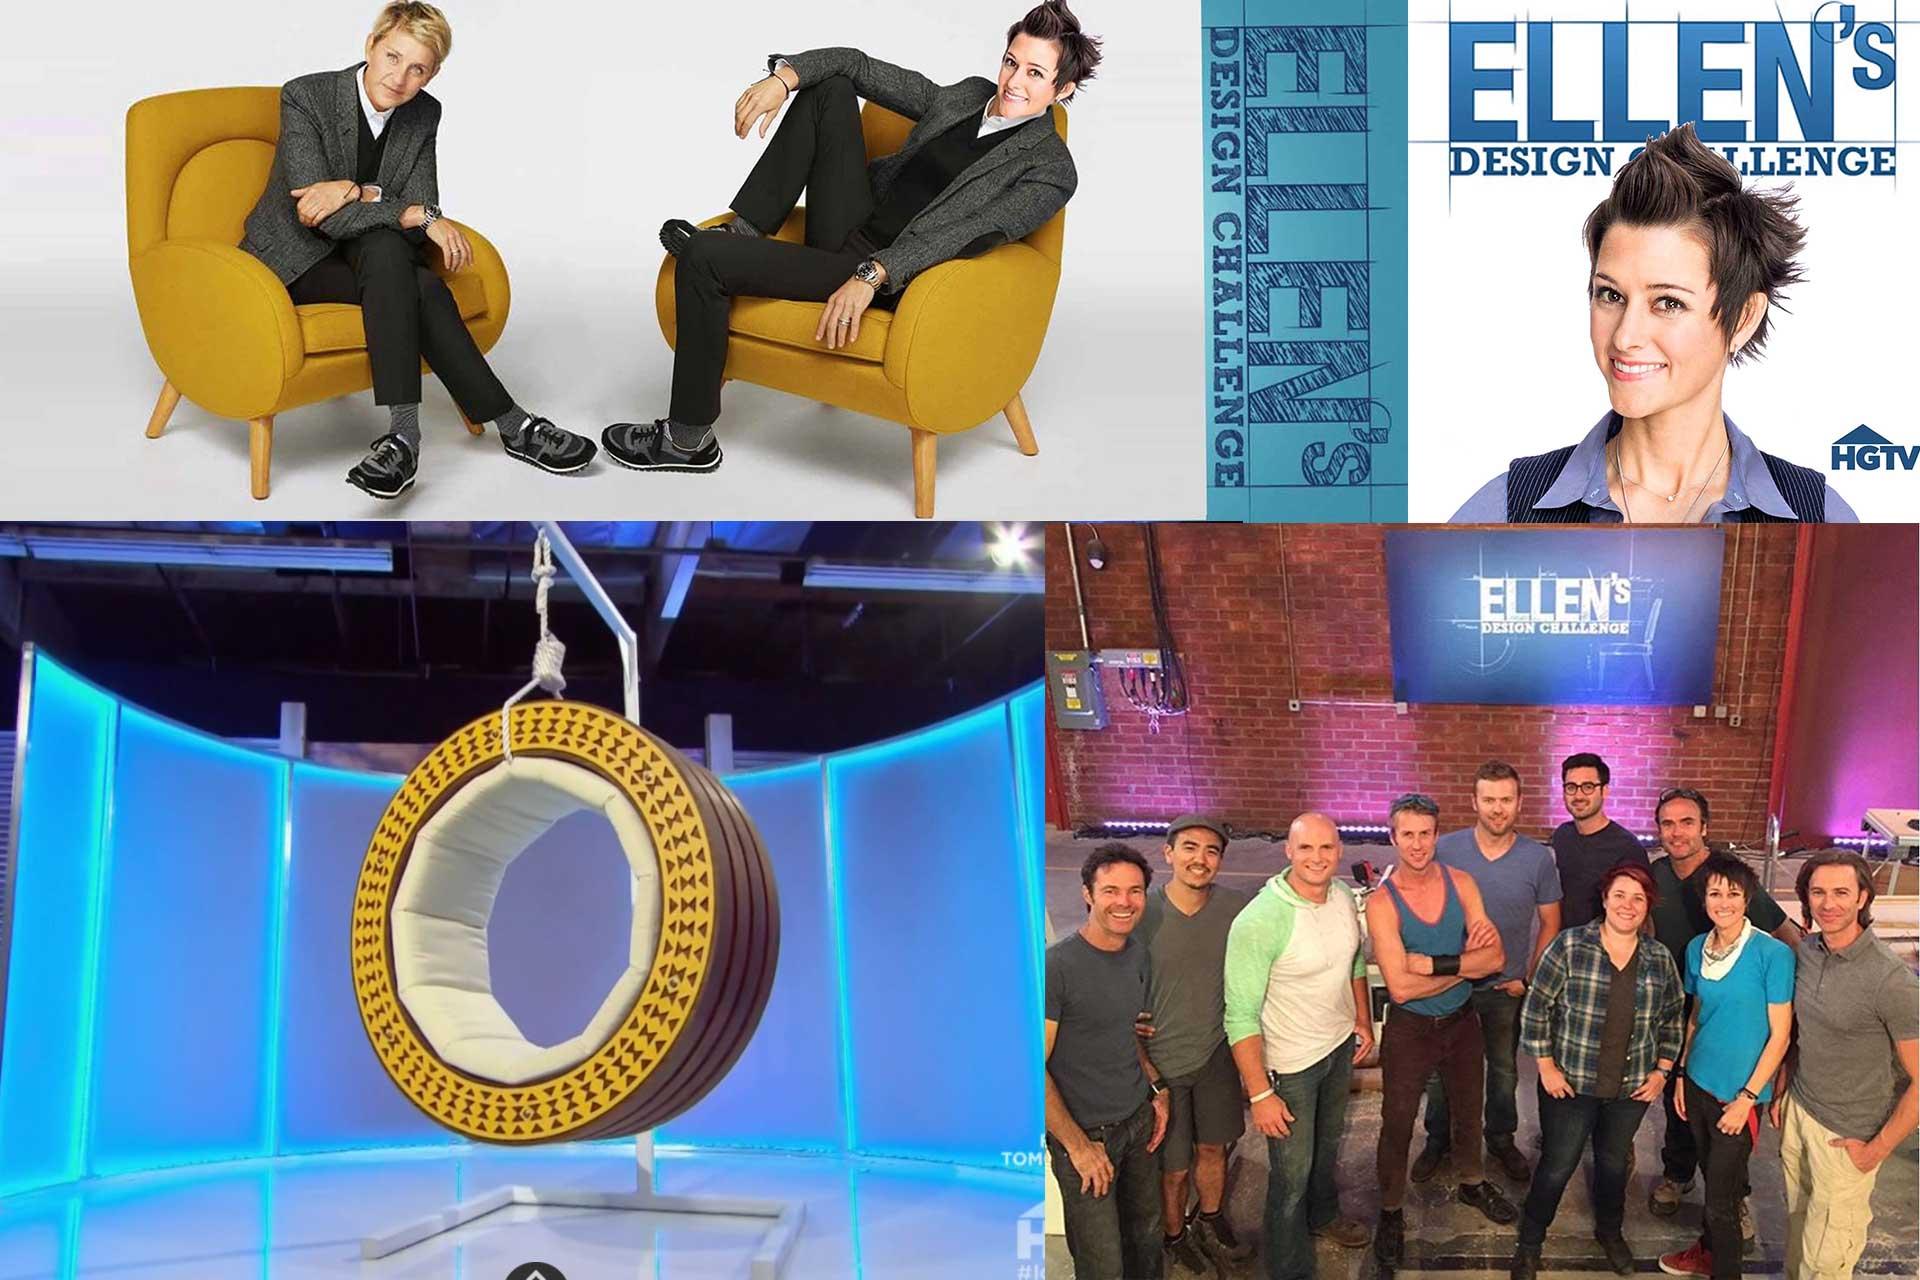 Melissa Rivera on Ellen's Design Challenge